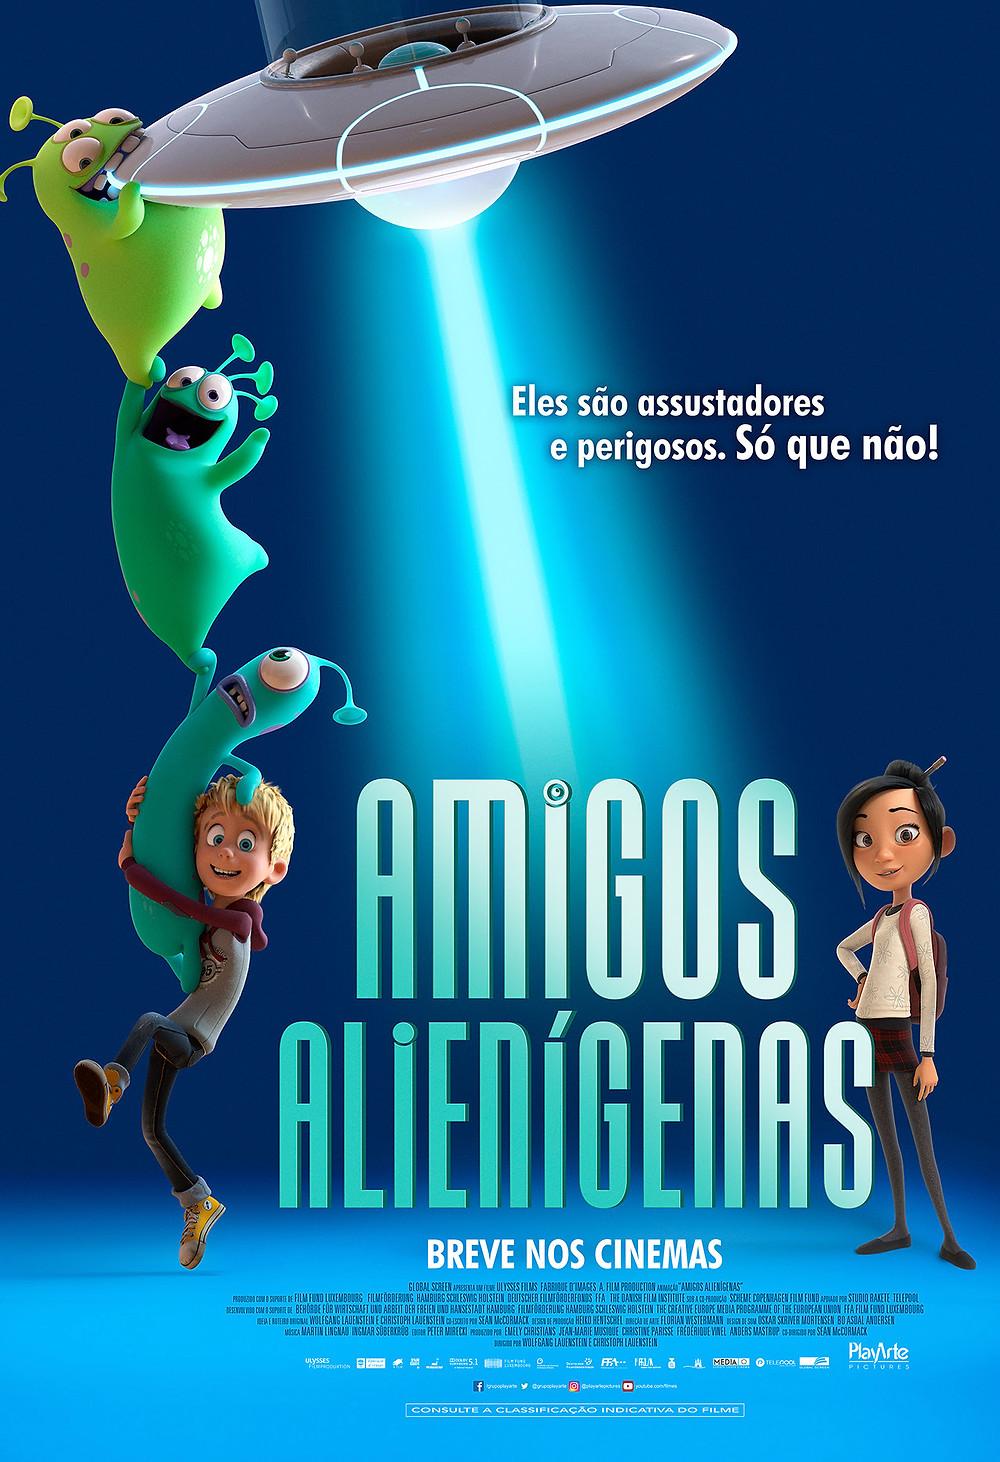 Cartaz da animação Amigos Alienígenas (2018) | Divulgação (PlayArte)